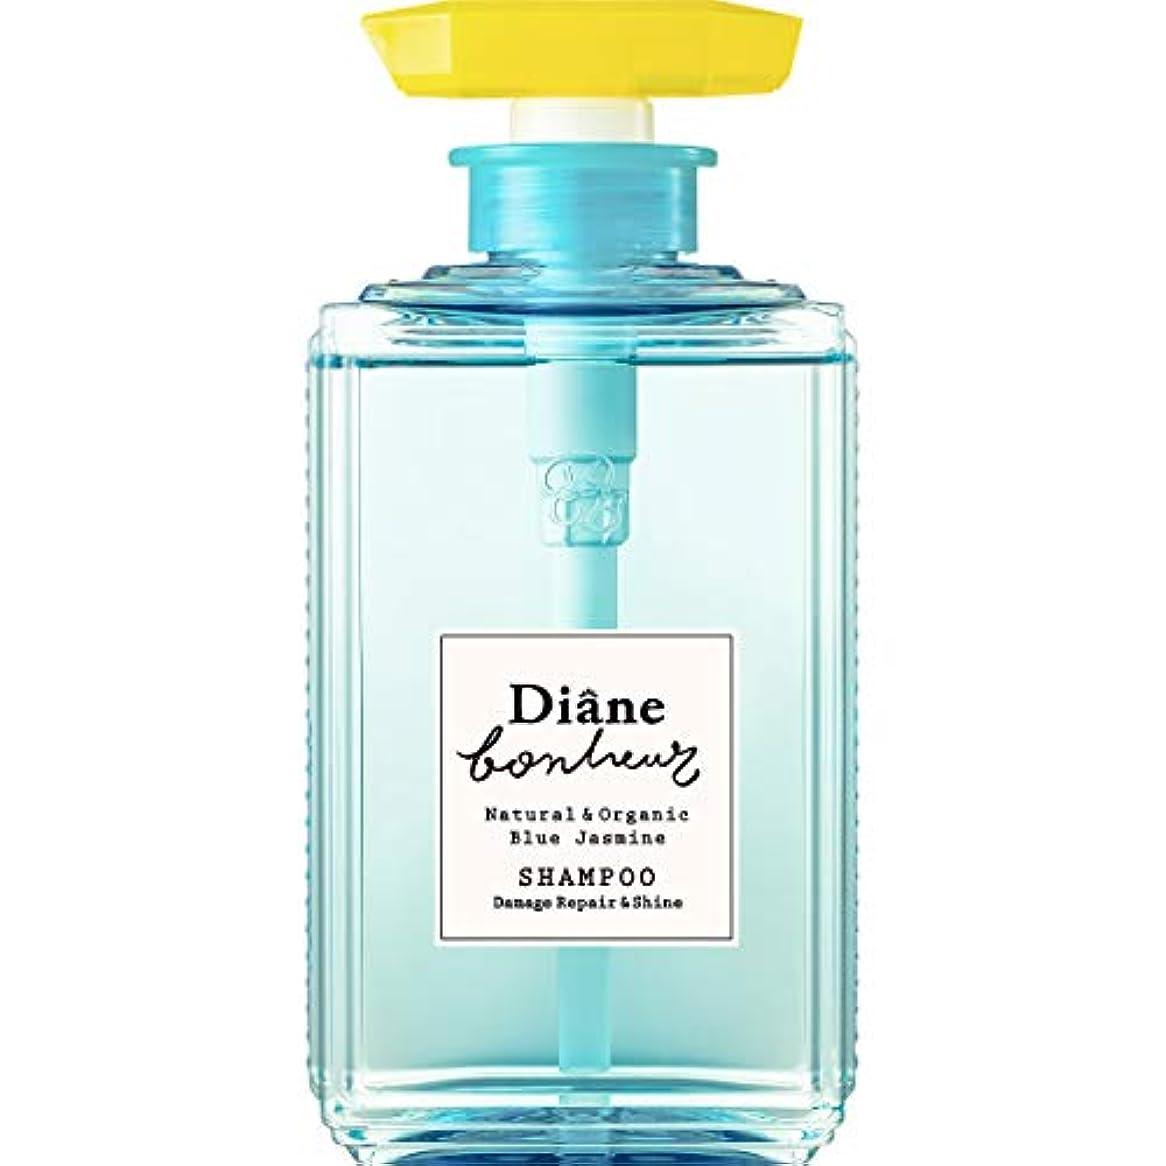 忘れっぽいどうやってトランスペアレントダイアン ボヌール シャンプー ブルージャスミンの香り ダメージリペア&シャイン 500ml